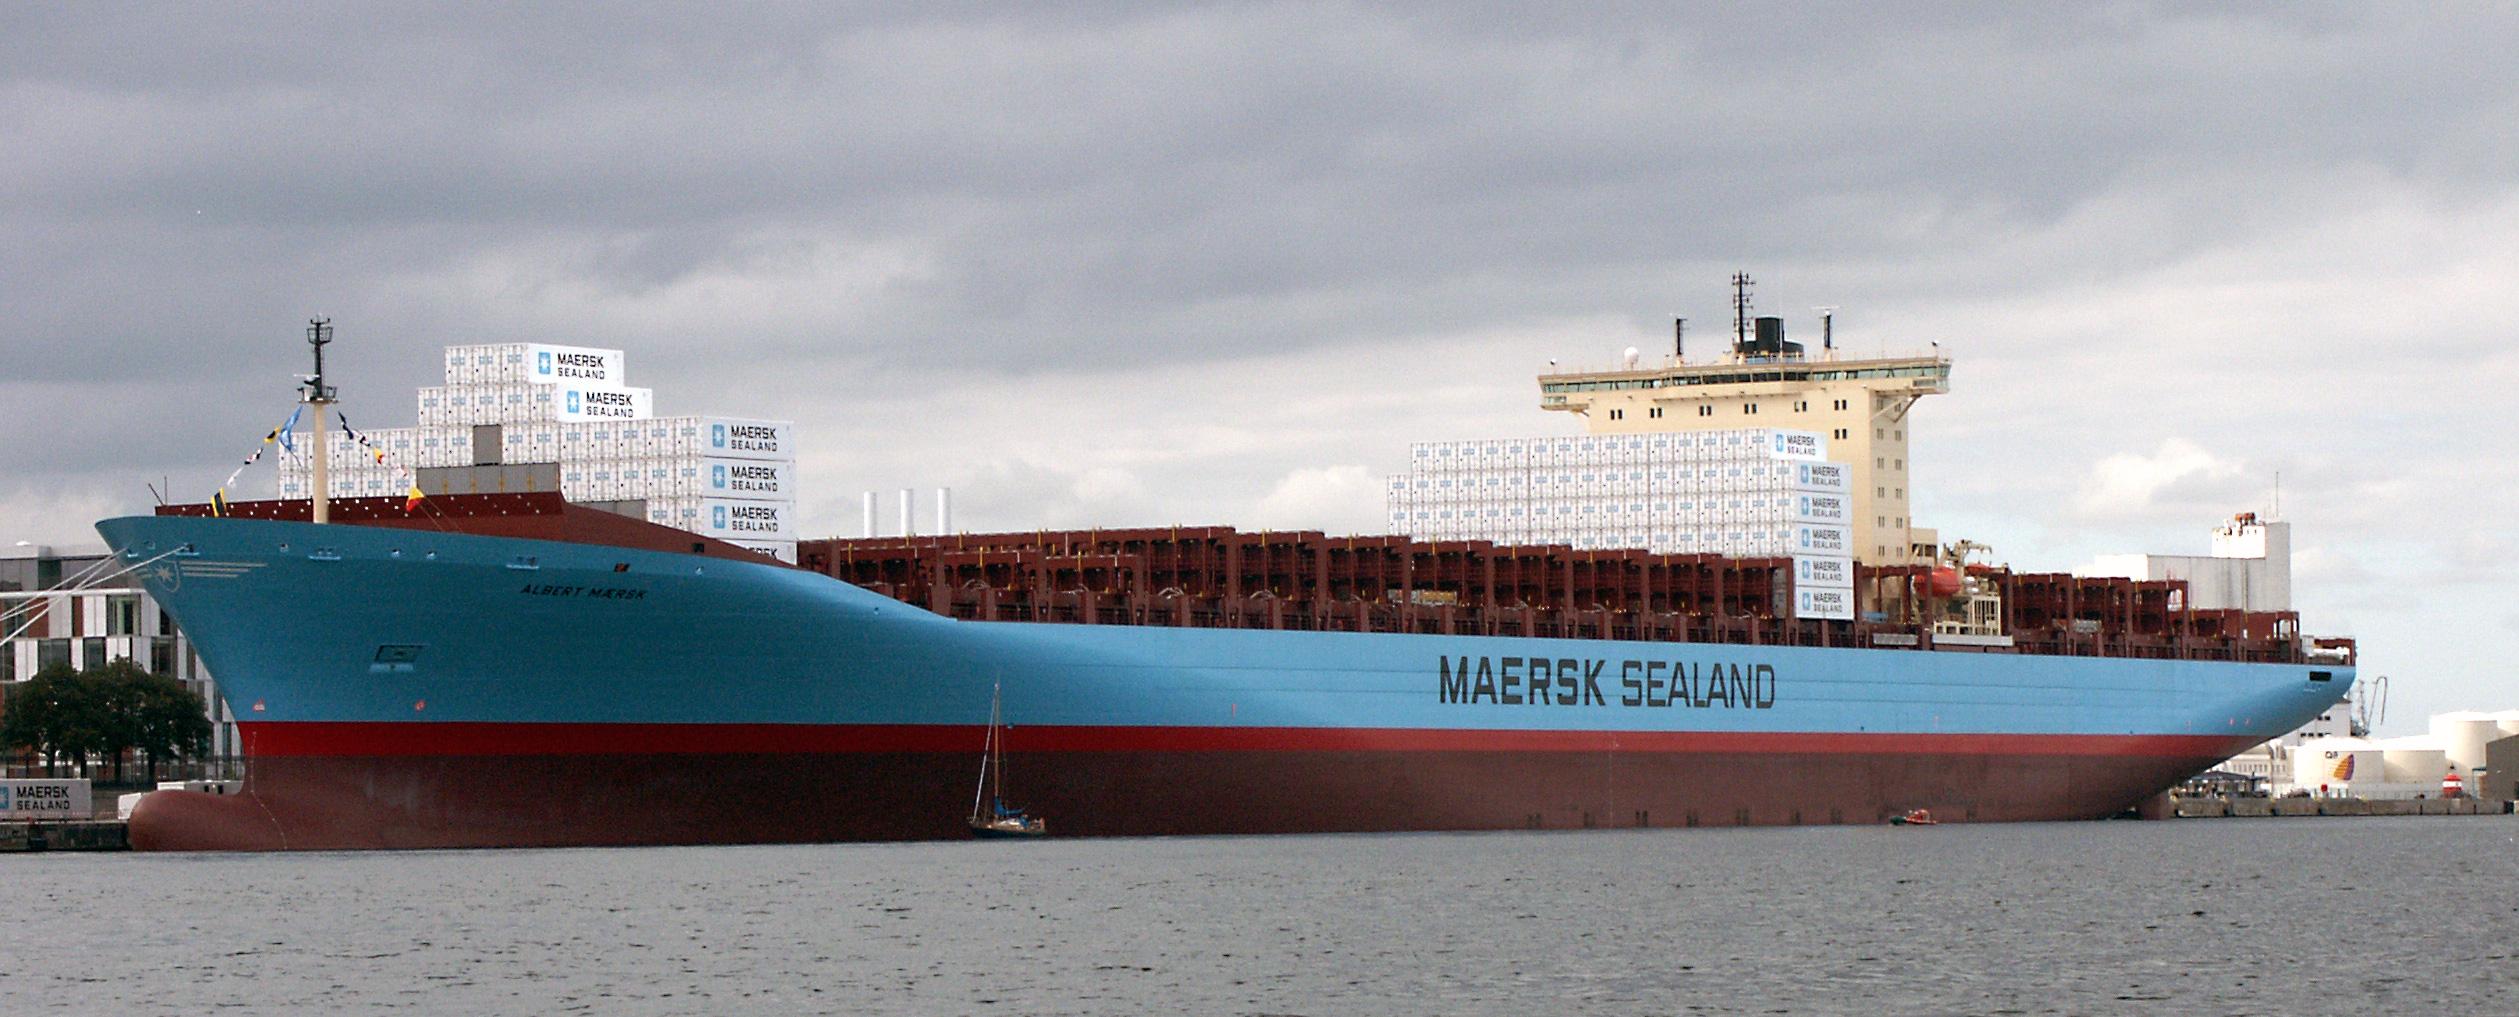 Afbeeldingsresultaat voor Maersk Sealand